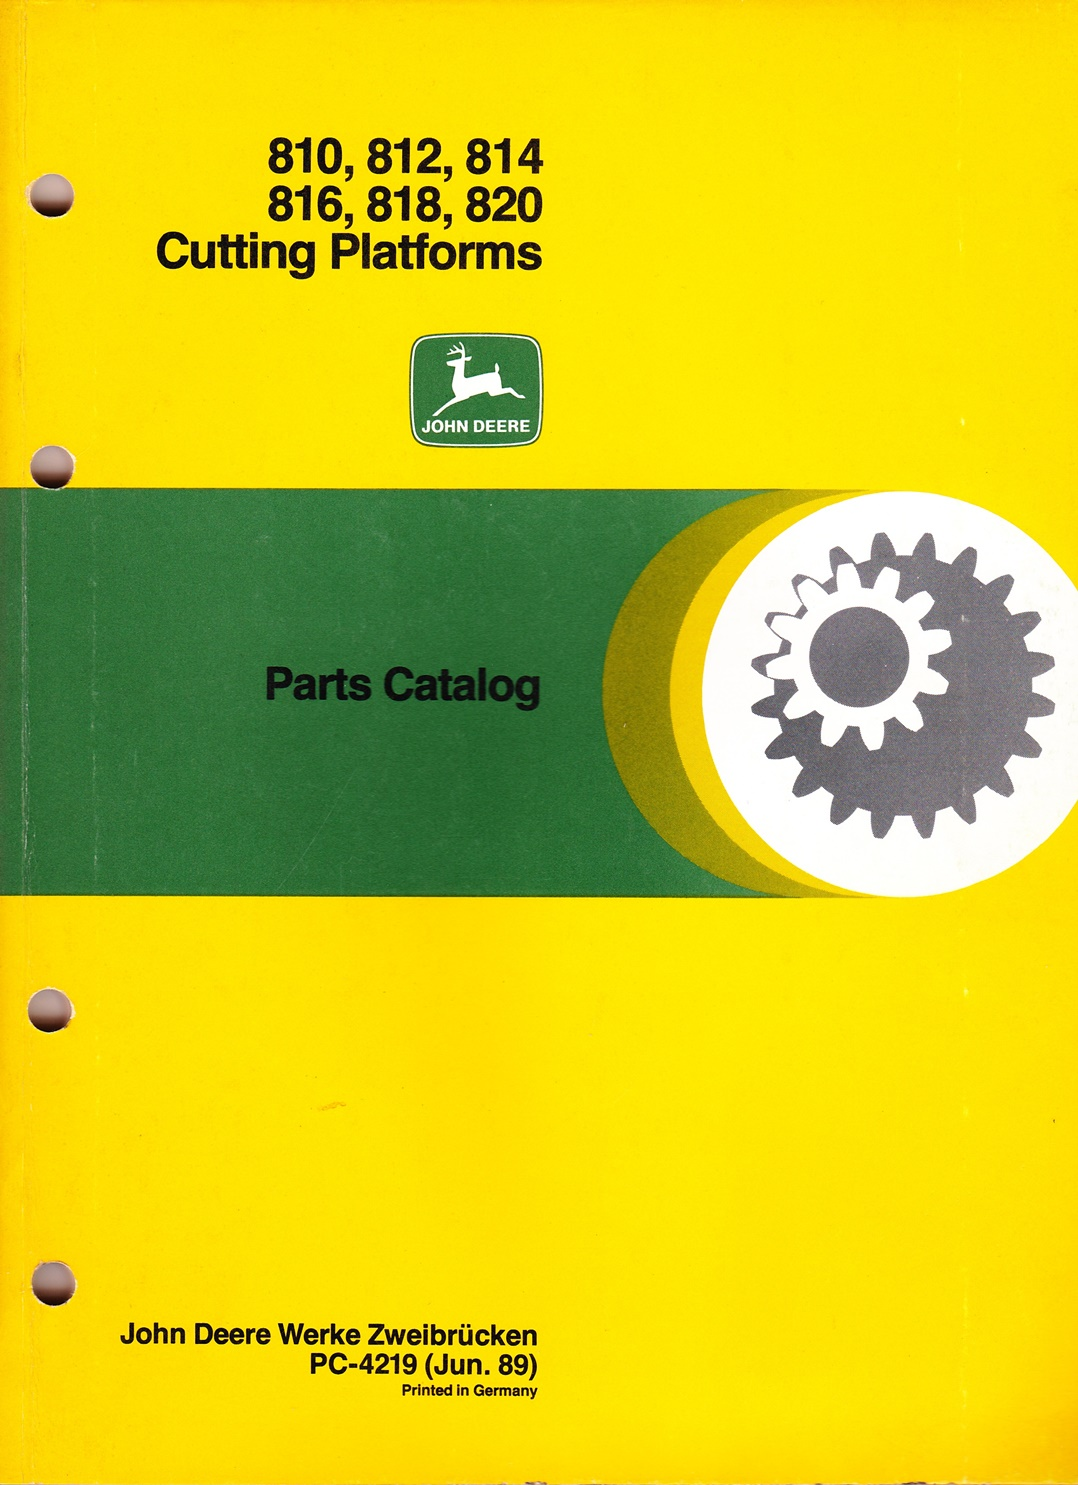 Ersatzteilkatalog John Deere, Cutting Platforms 810, 812, 814, 816, 818, 820